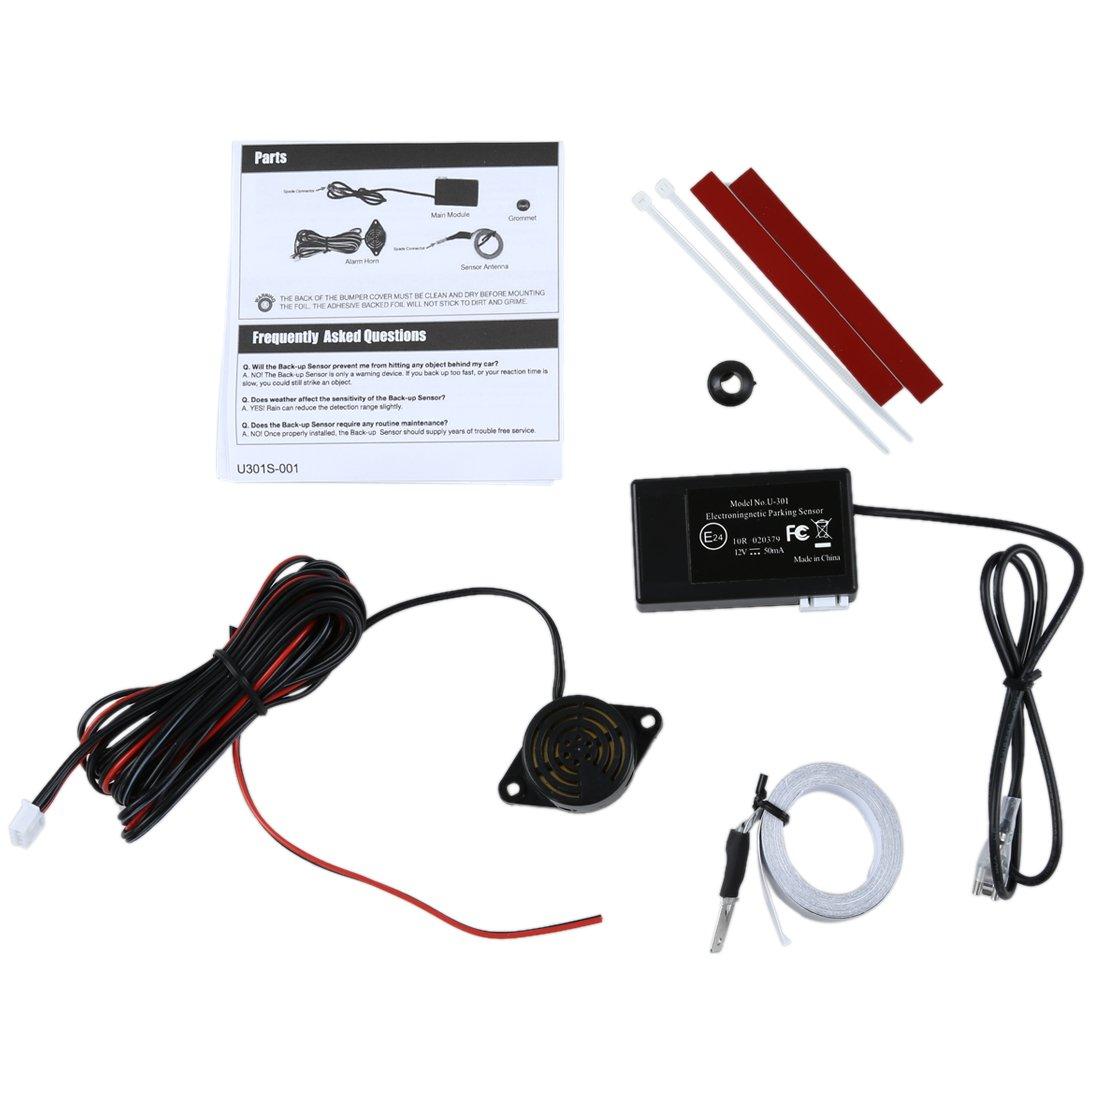 Sensor de aparcamiento - SODIAL(R)Conjunto de sensor de aparcamiento electromagnetico de parachoques trasero sin agujeros invisibles -UK: Amazon.es: Coche y ...